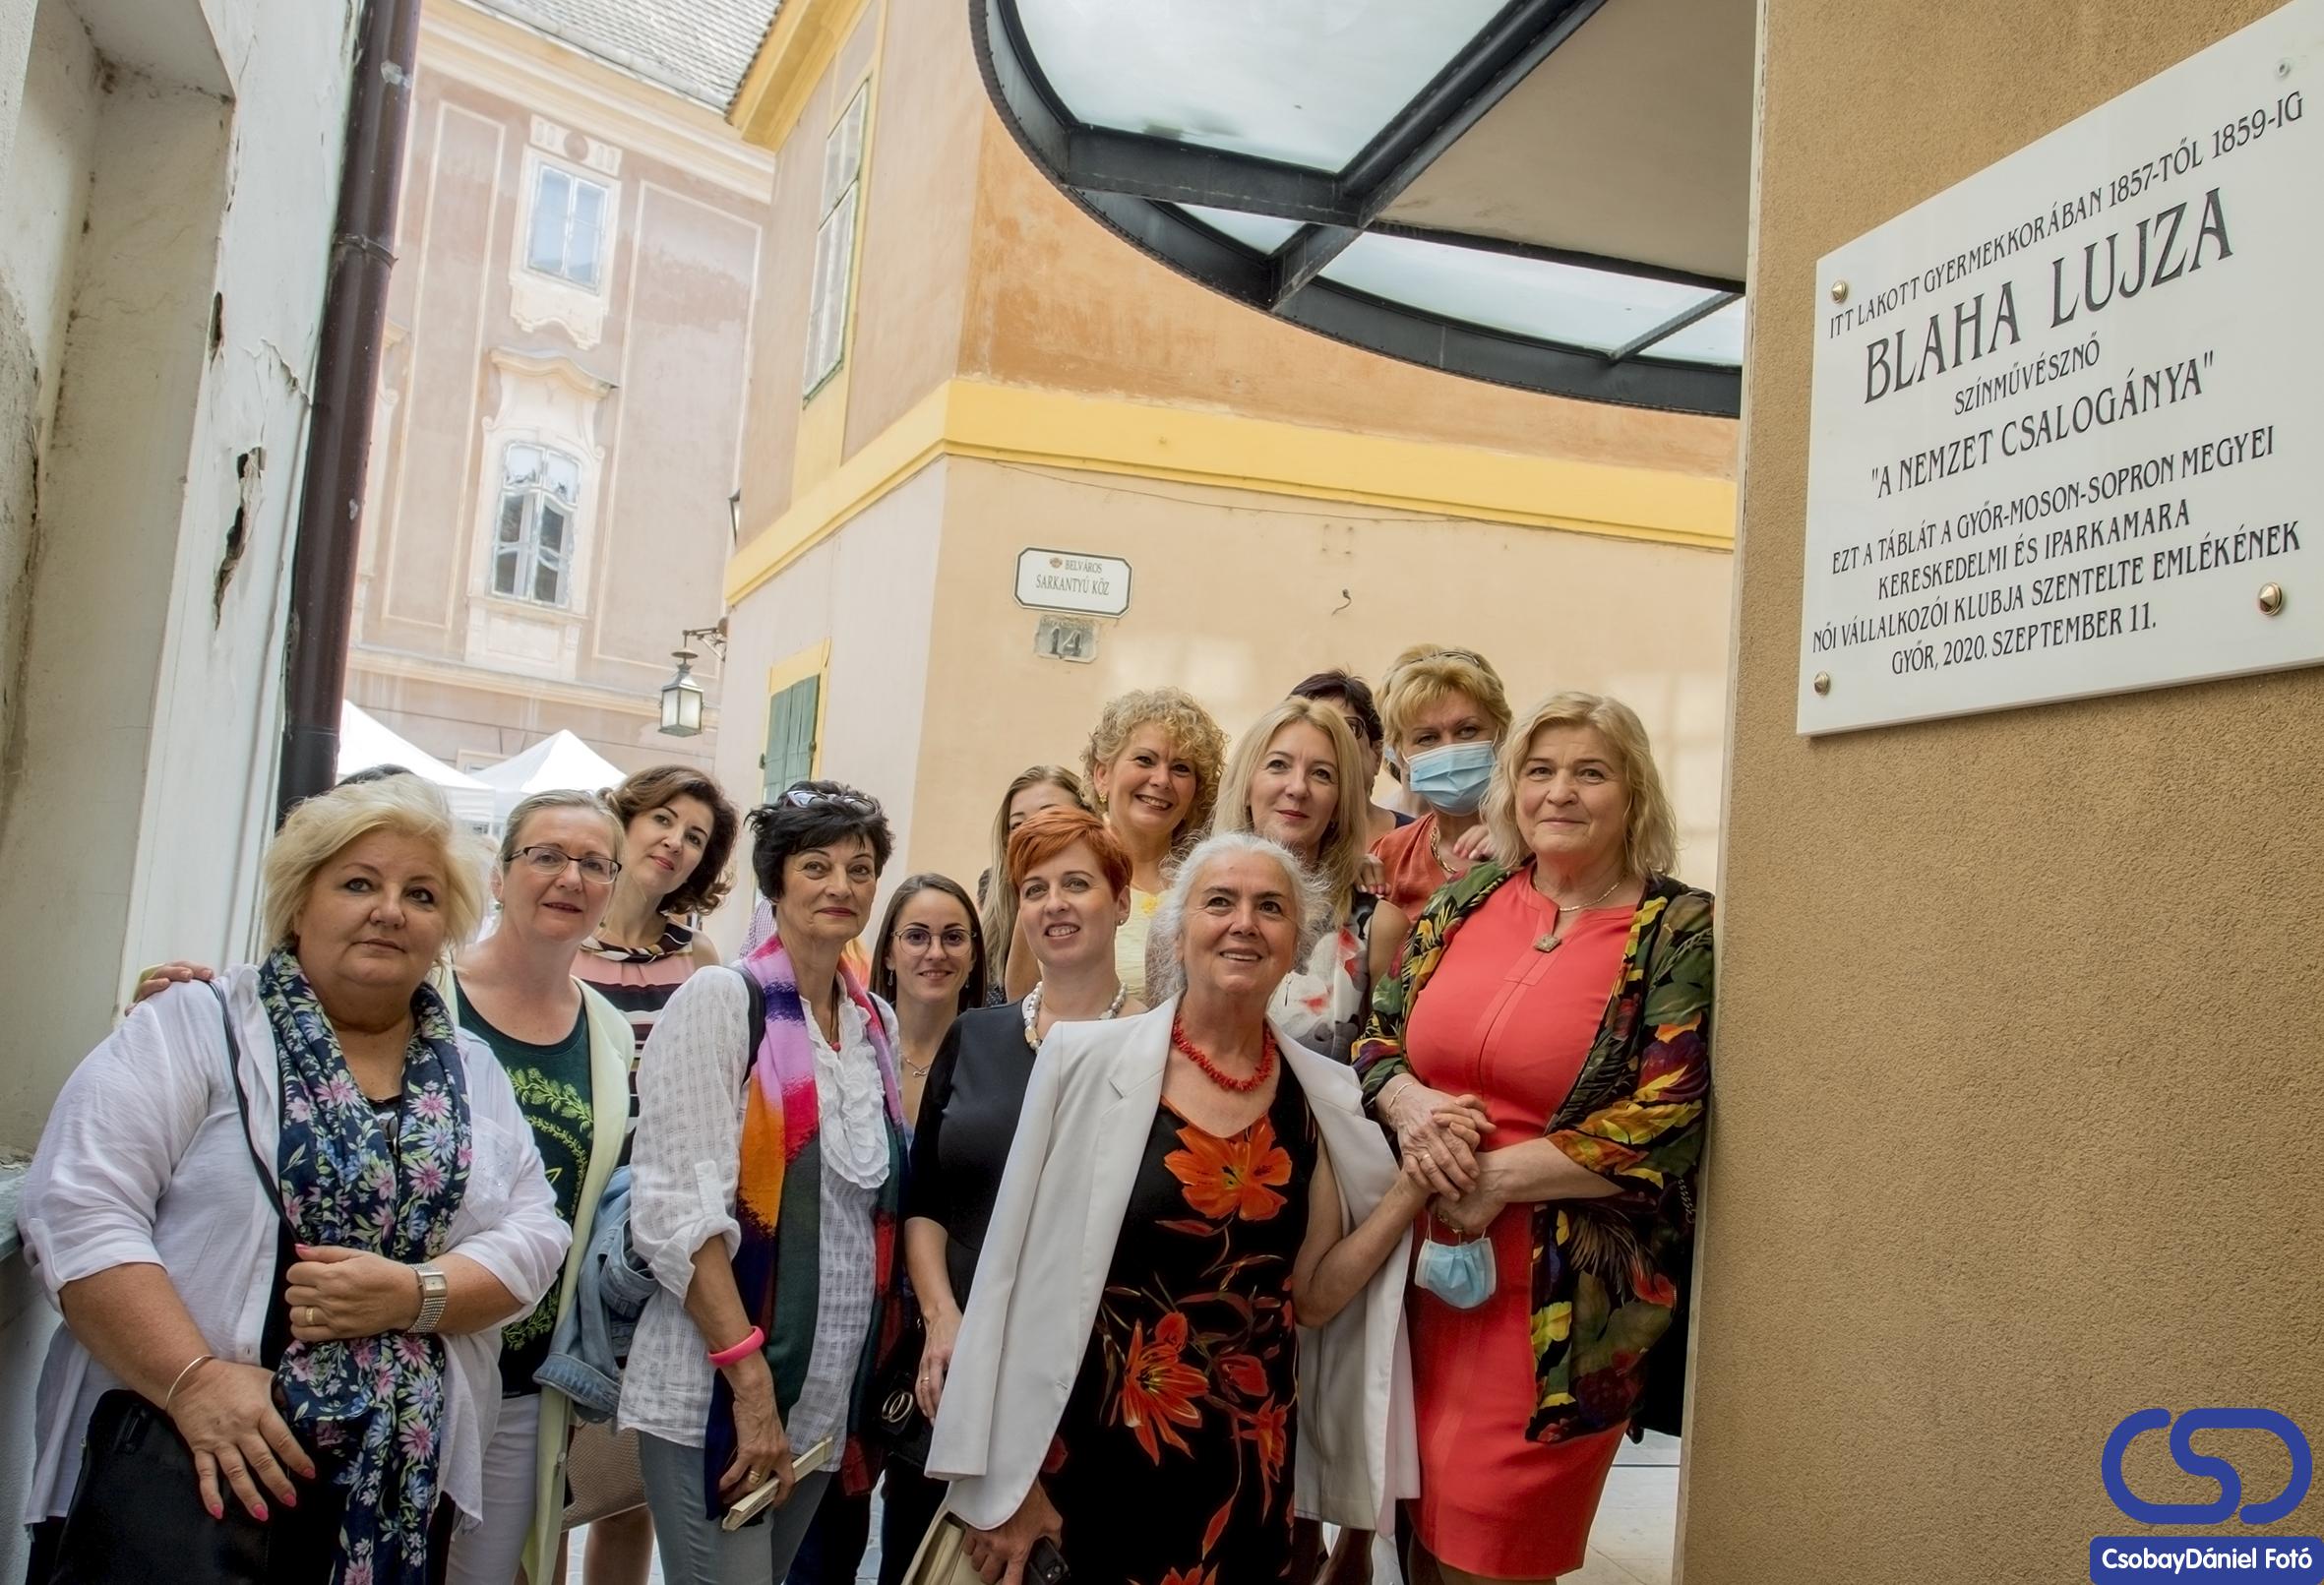 Blaha Lujza emléktábla-átadó ünnepséget tartott a Női Vállalkozói Klub